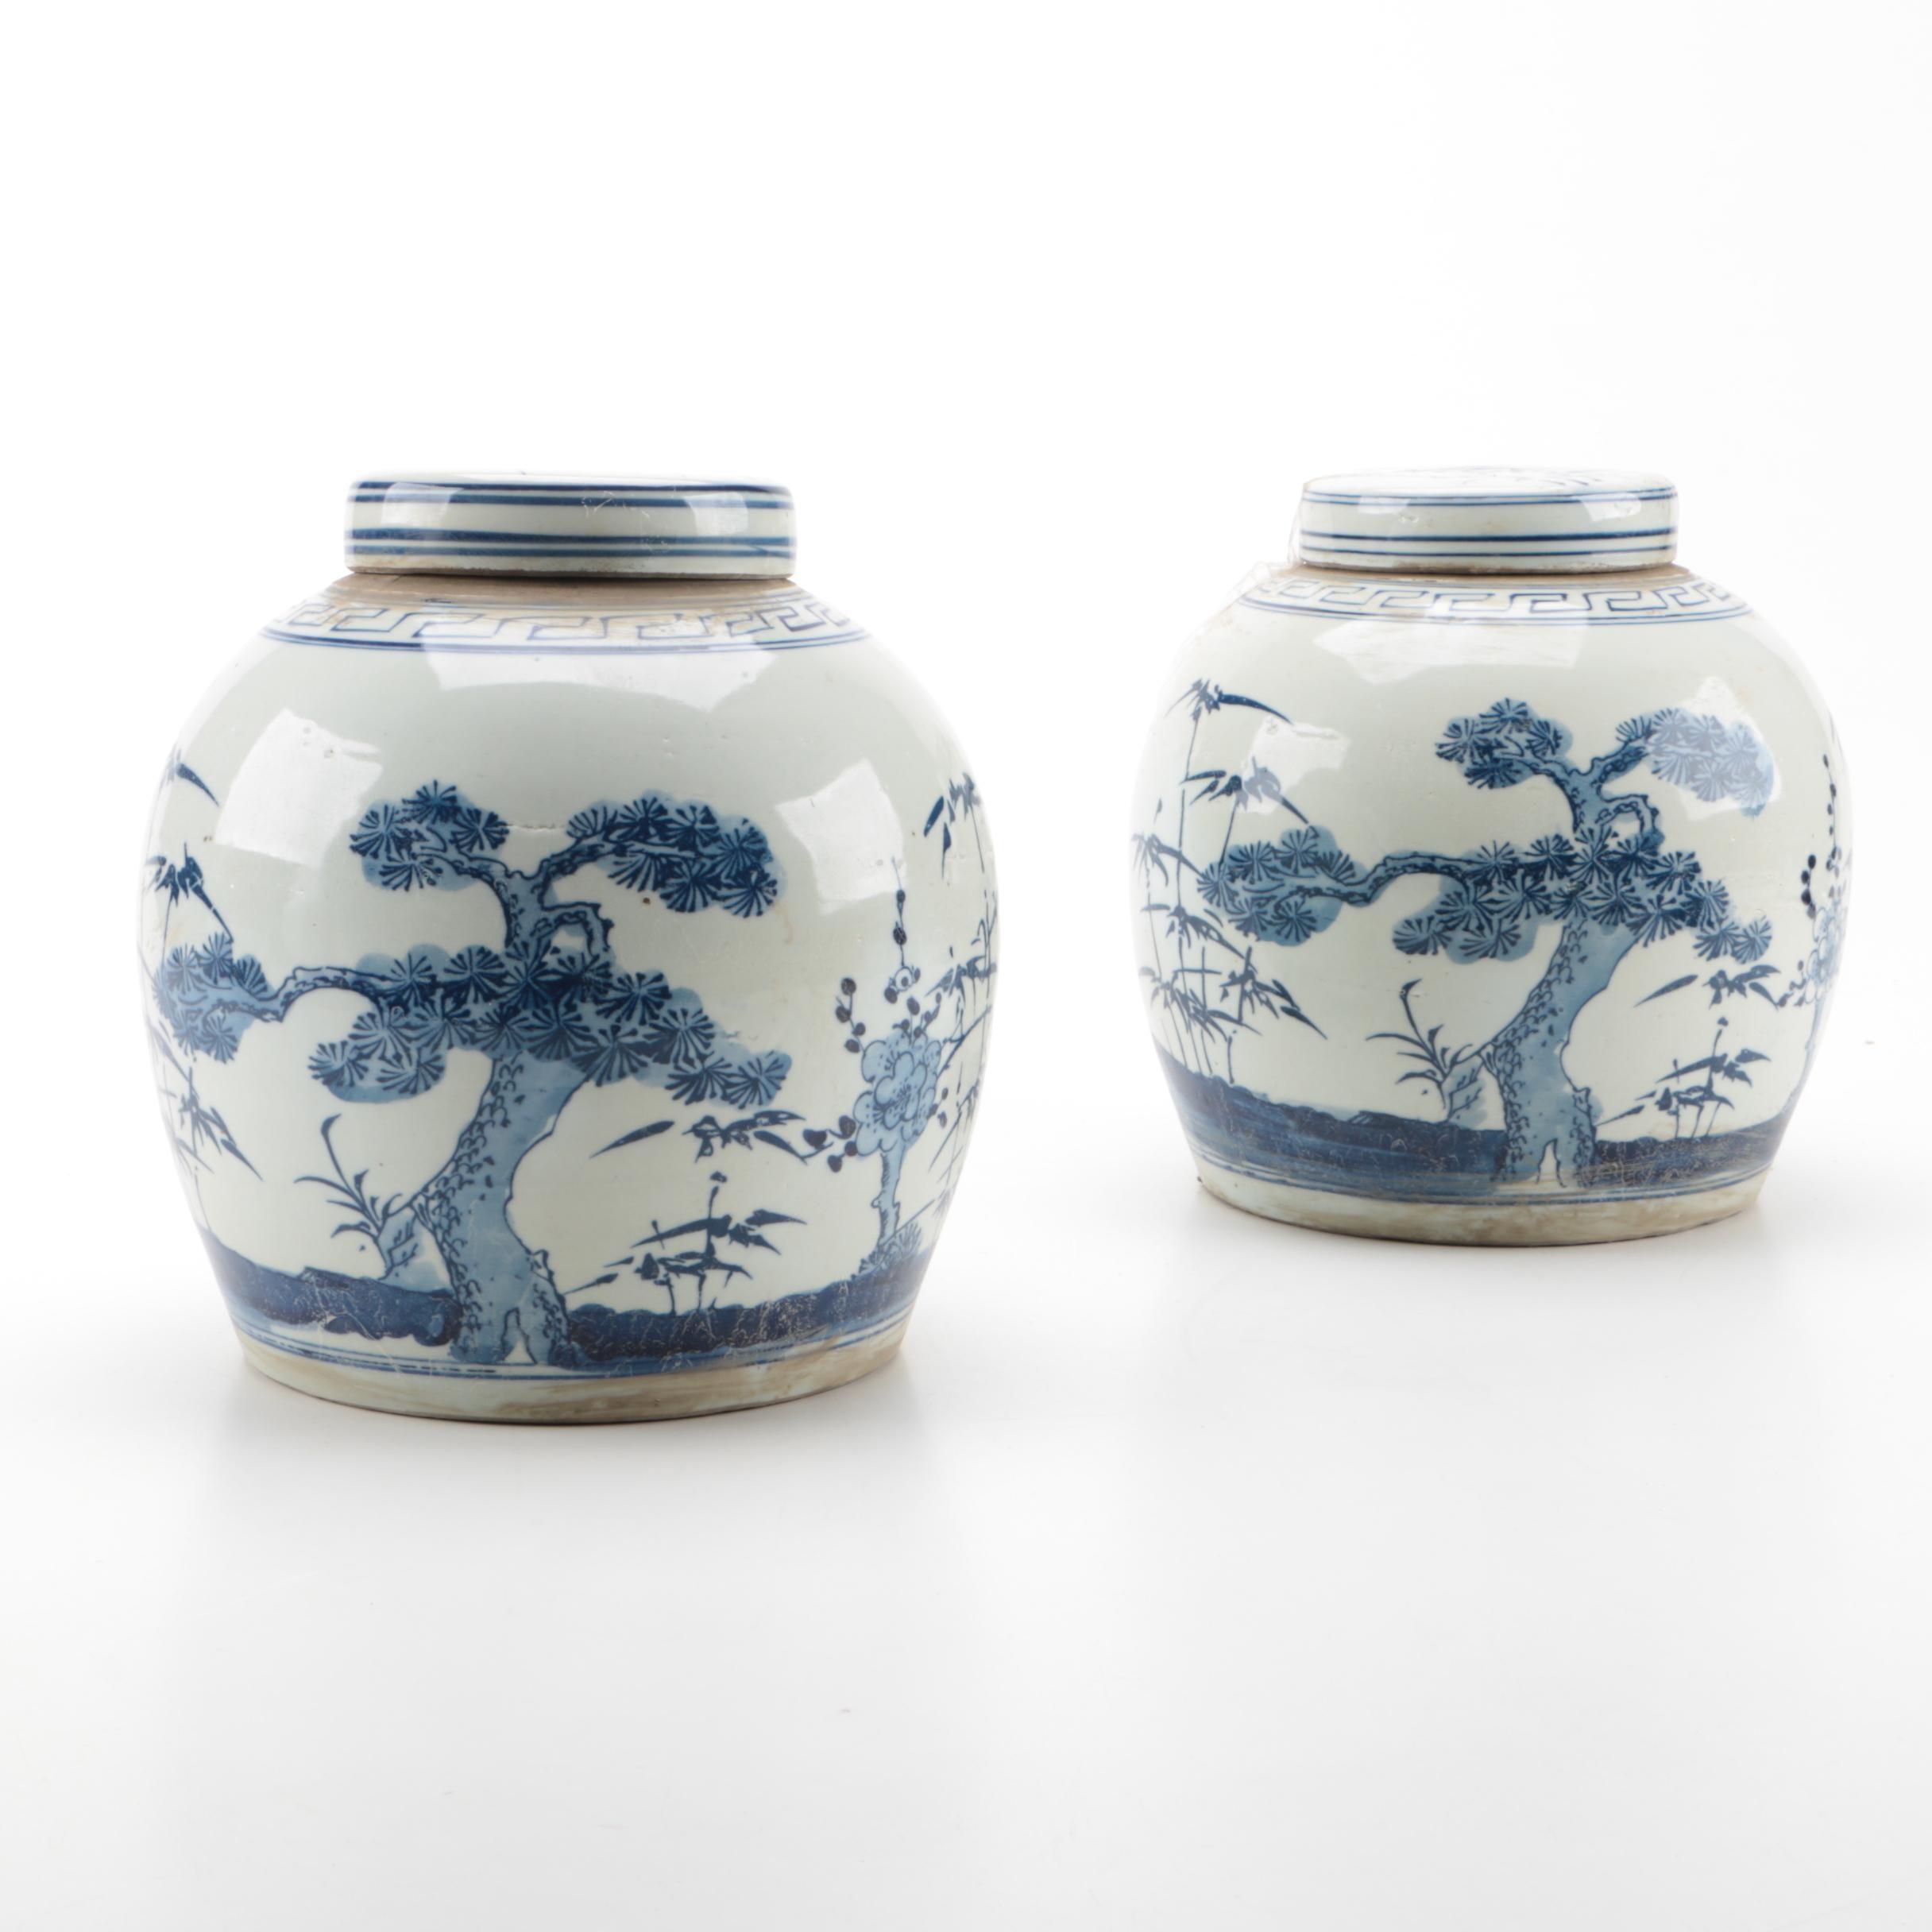 Chinese Covered Ceramic Jars